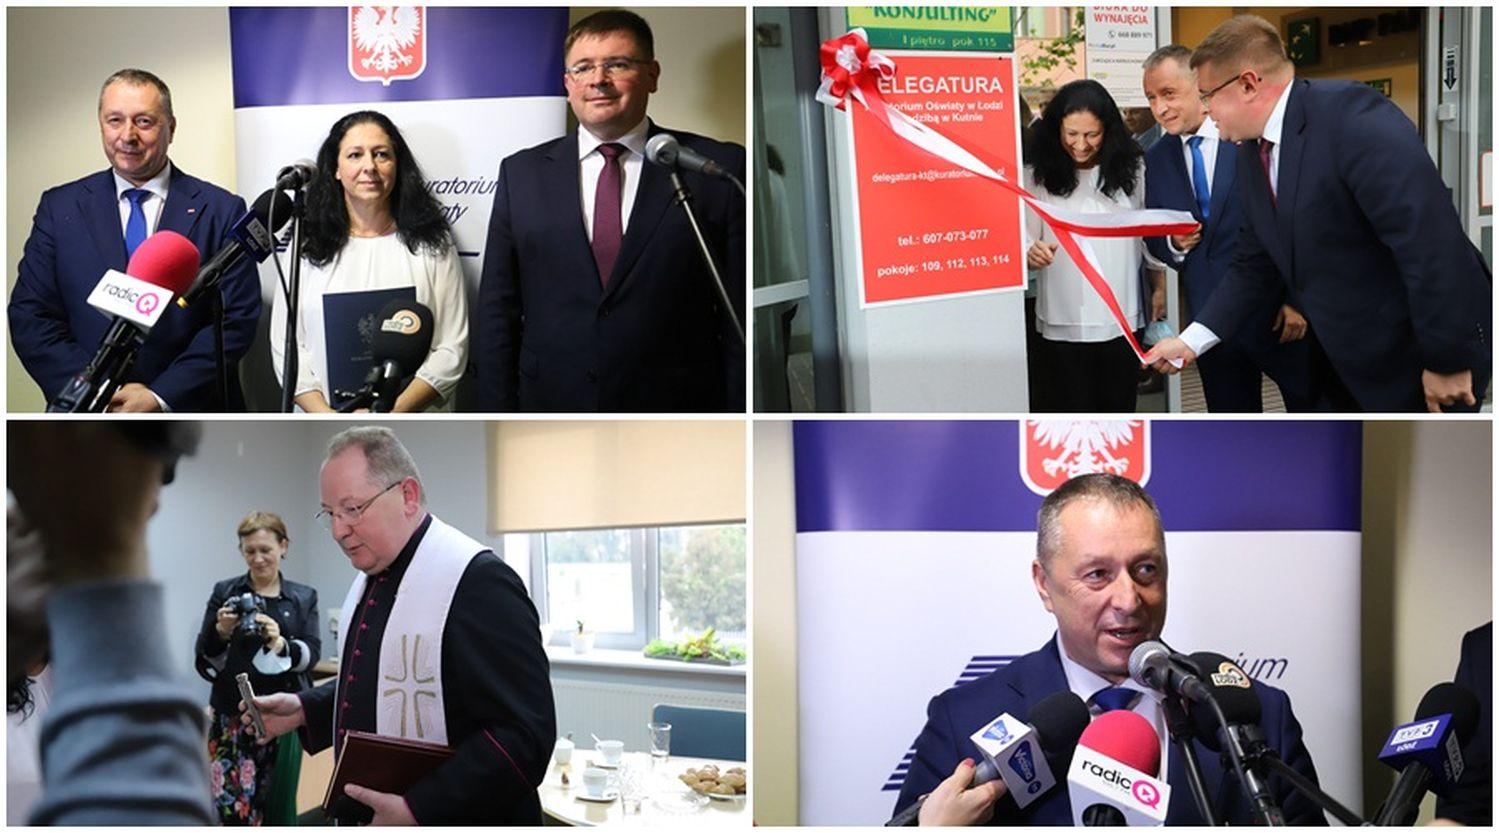 """[ZDJĘCIA] Delegatura Kuratorium Oświaty oficjalnie otwarta: """"To historyczny moment dla powiatu łęczyckiego""""  - Zdjęcie główne"""